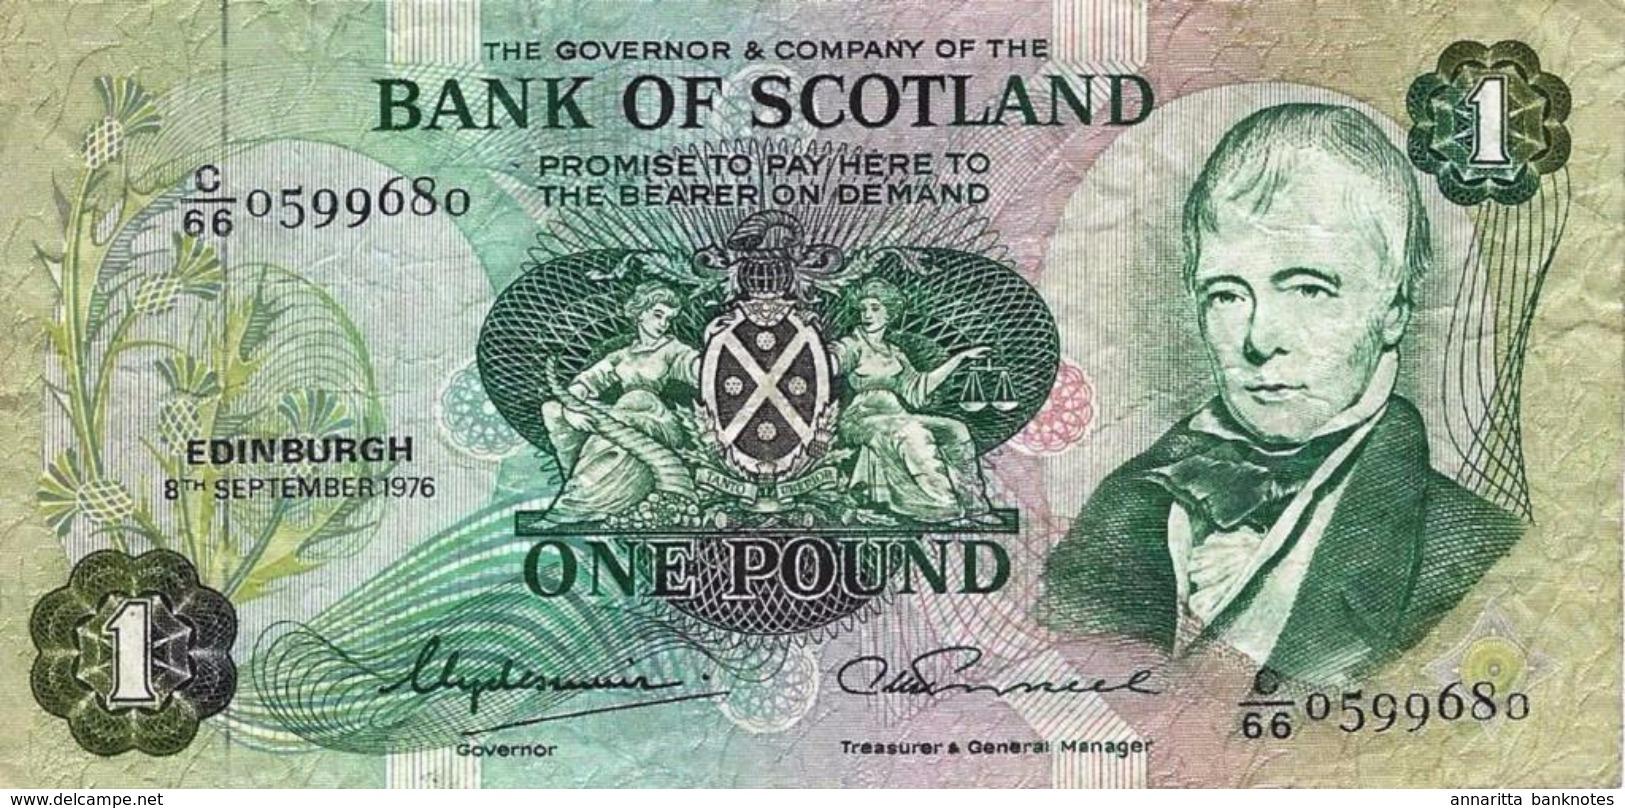 SCOTLAND 1 POUND 1976 P-111c VF RARE S/N C/66 0599680 [SQ111c] - [ 3] Scotland